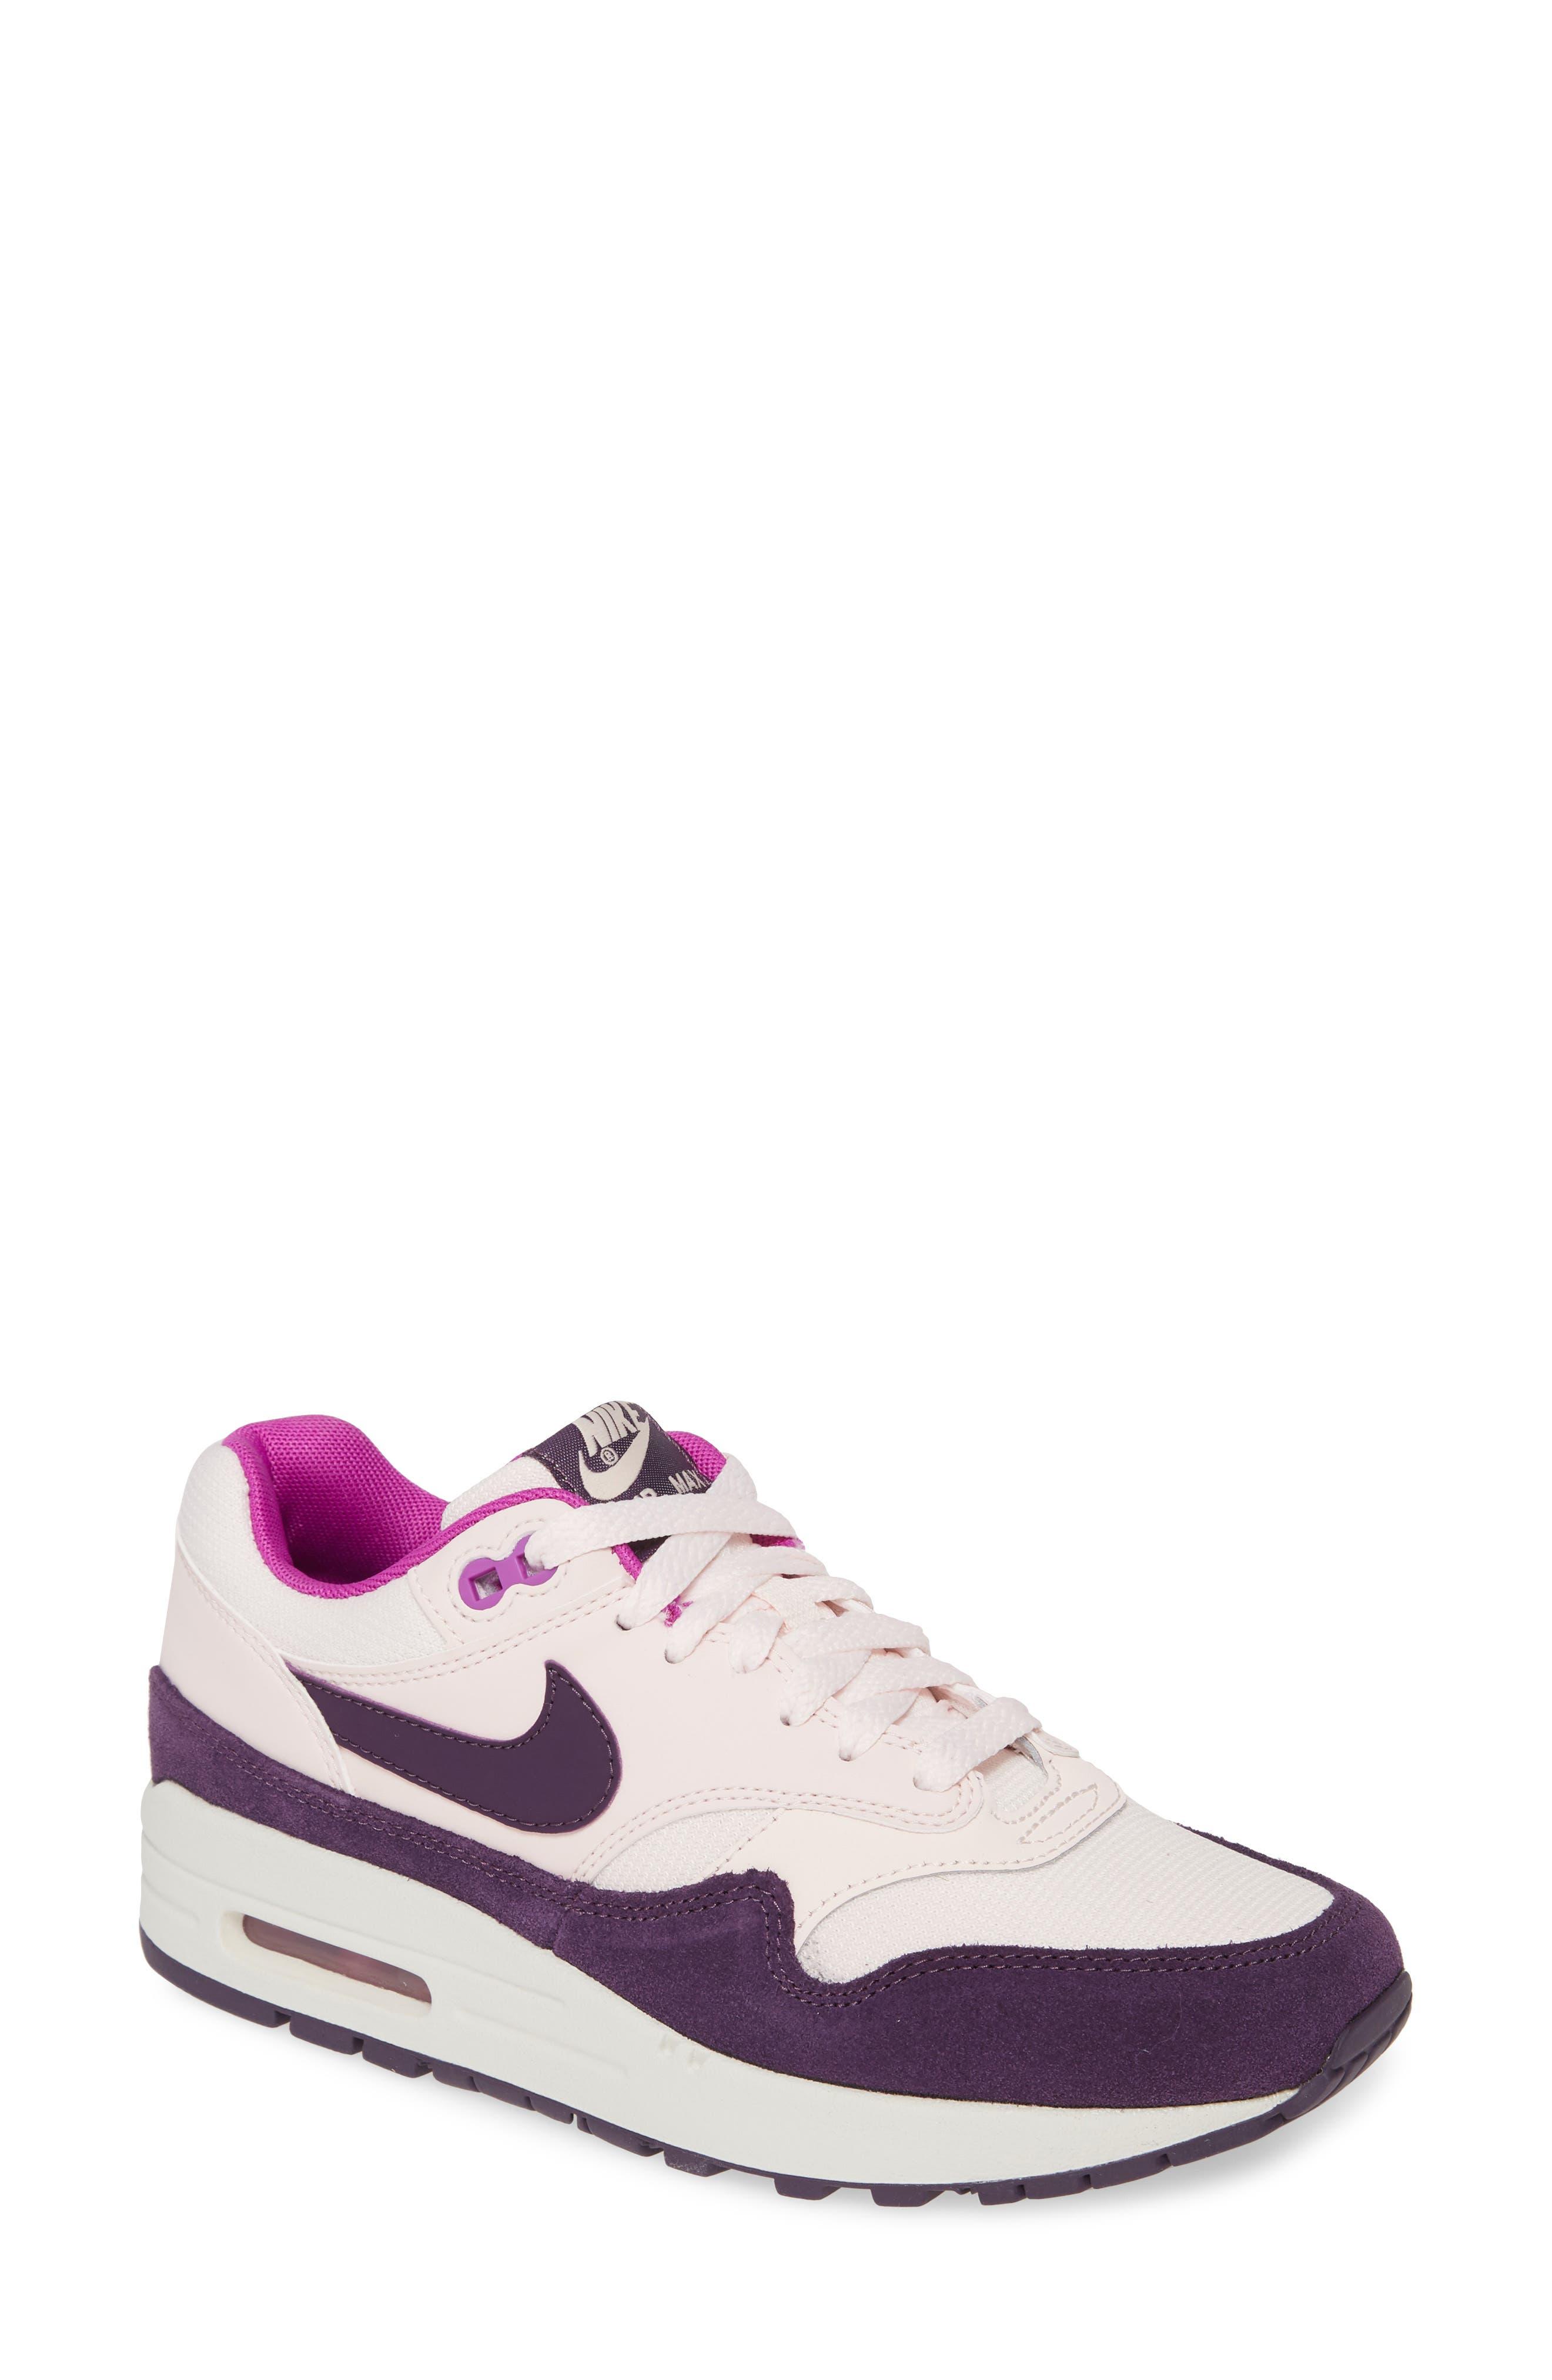 d995e4704 Women's Nike | Nordstrom